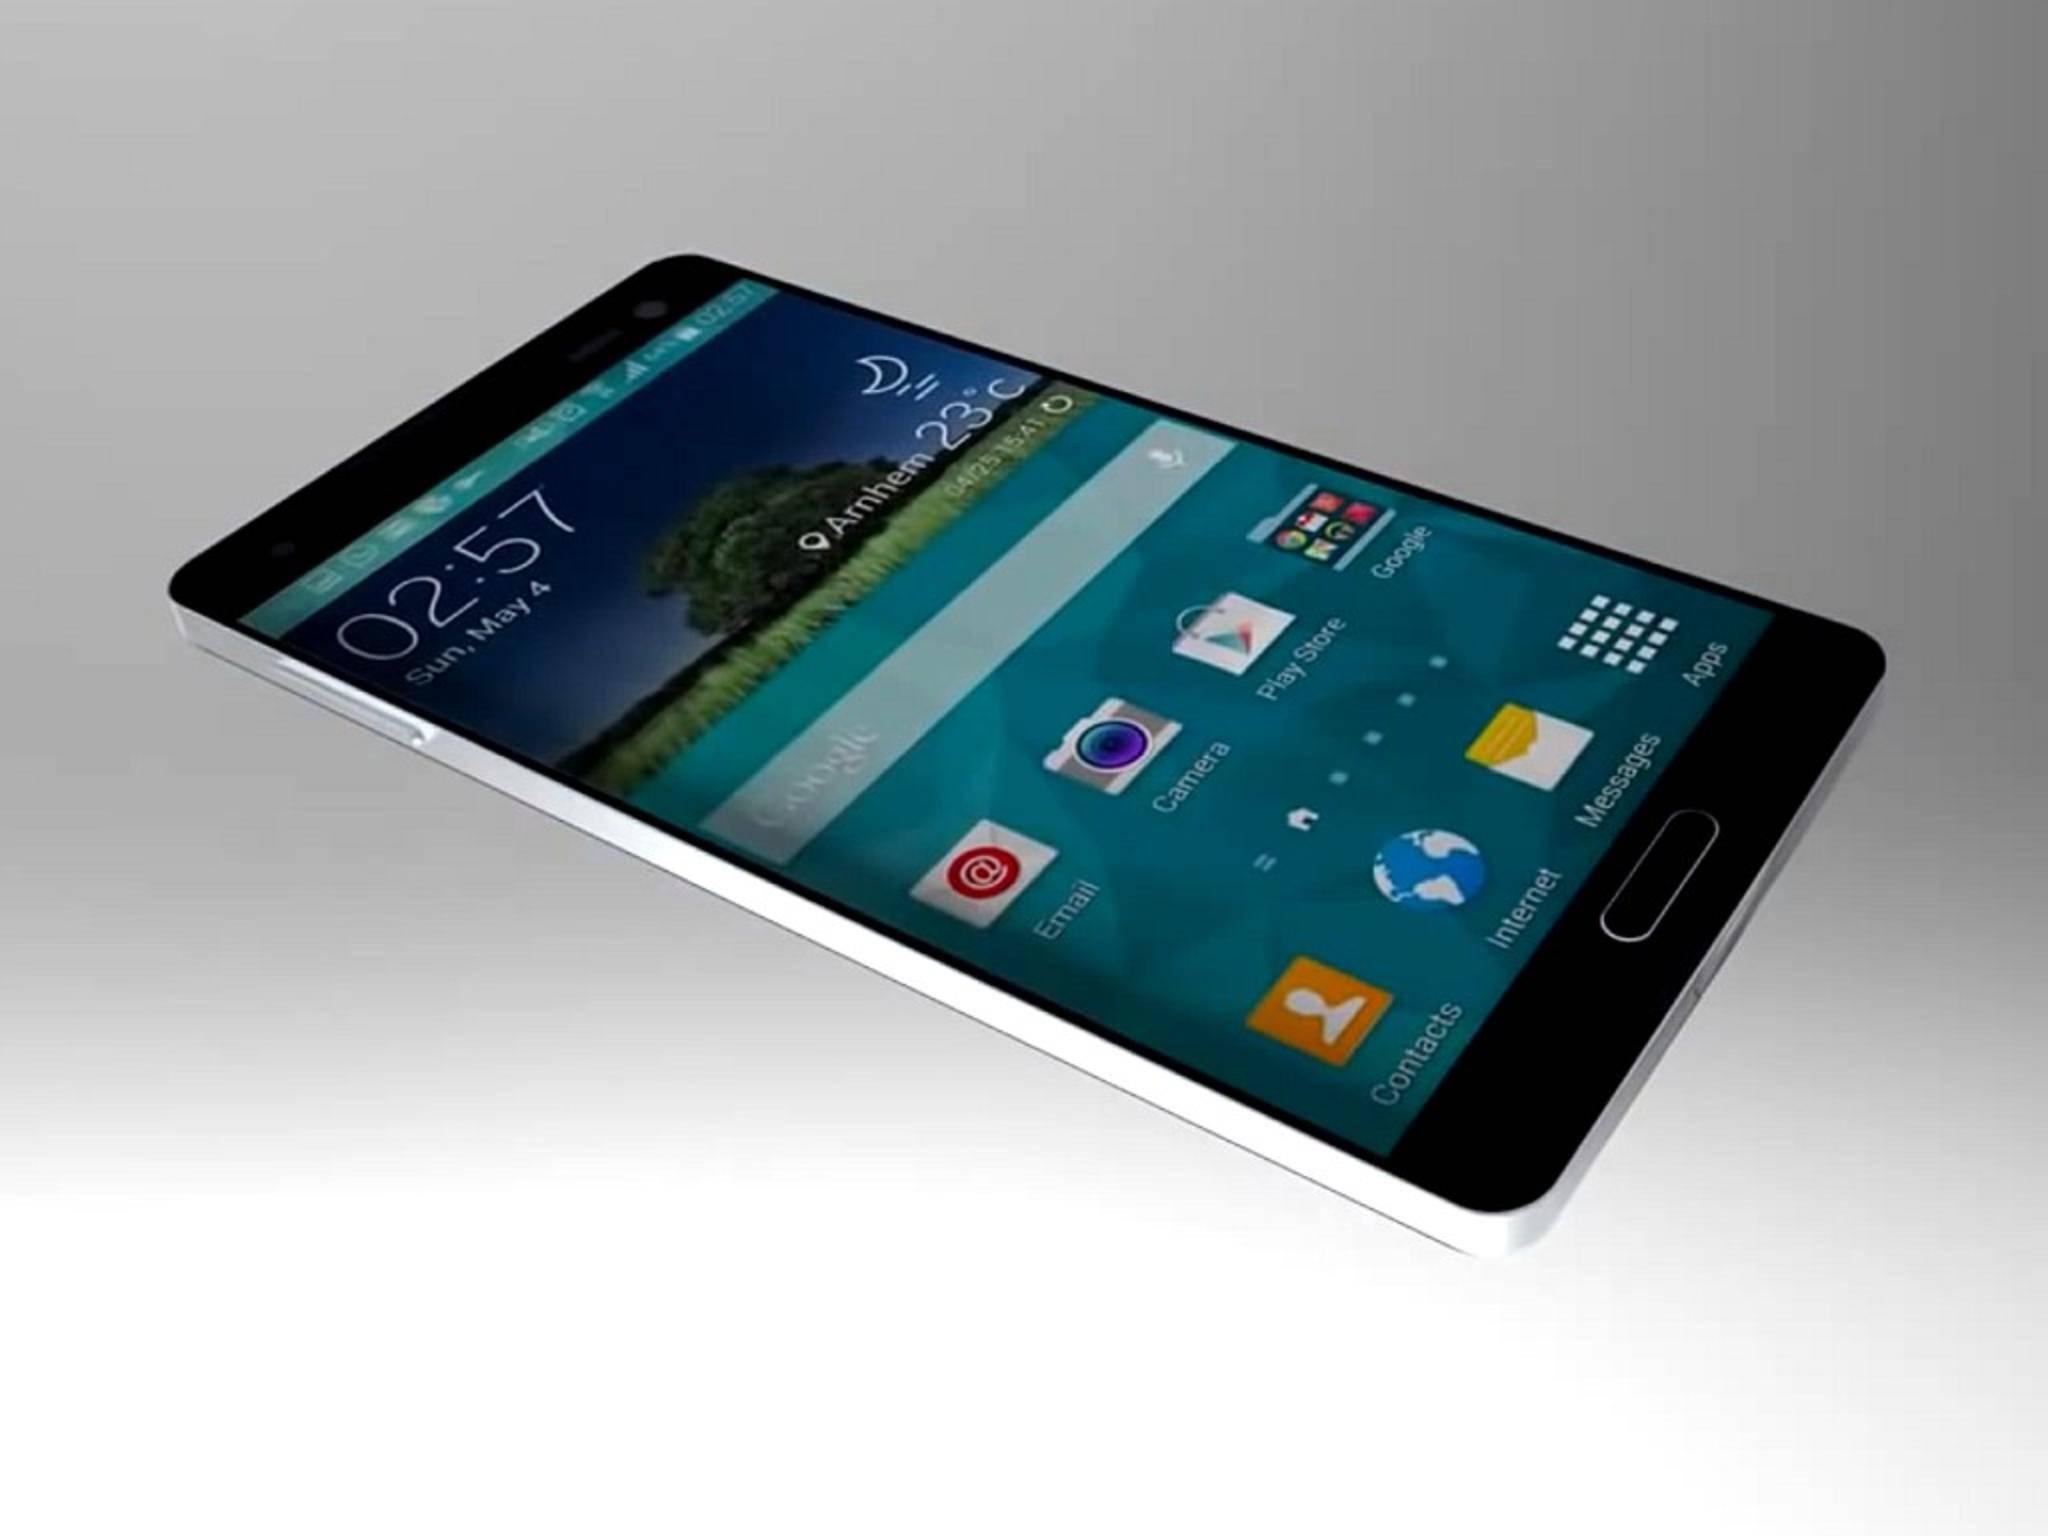 Die Benutzeroberfläche des Galaxy S6 soll aufgeräumter werden.